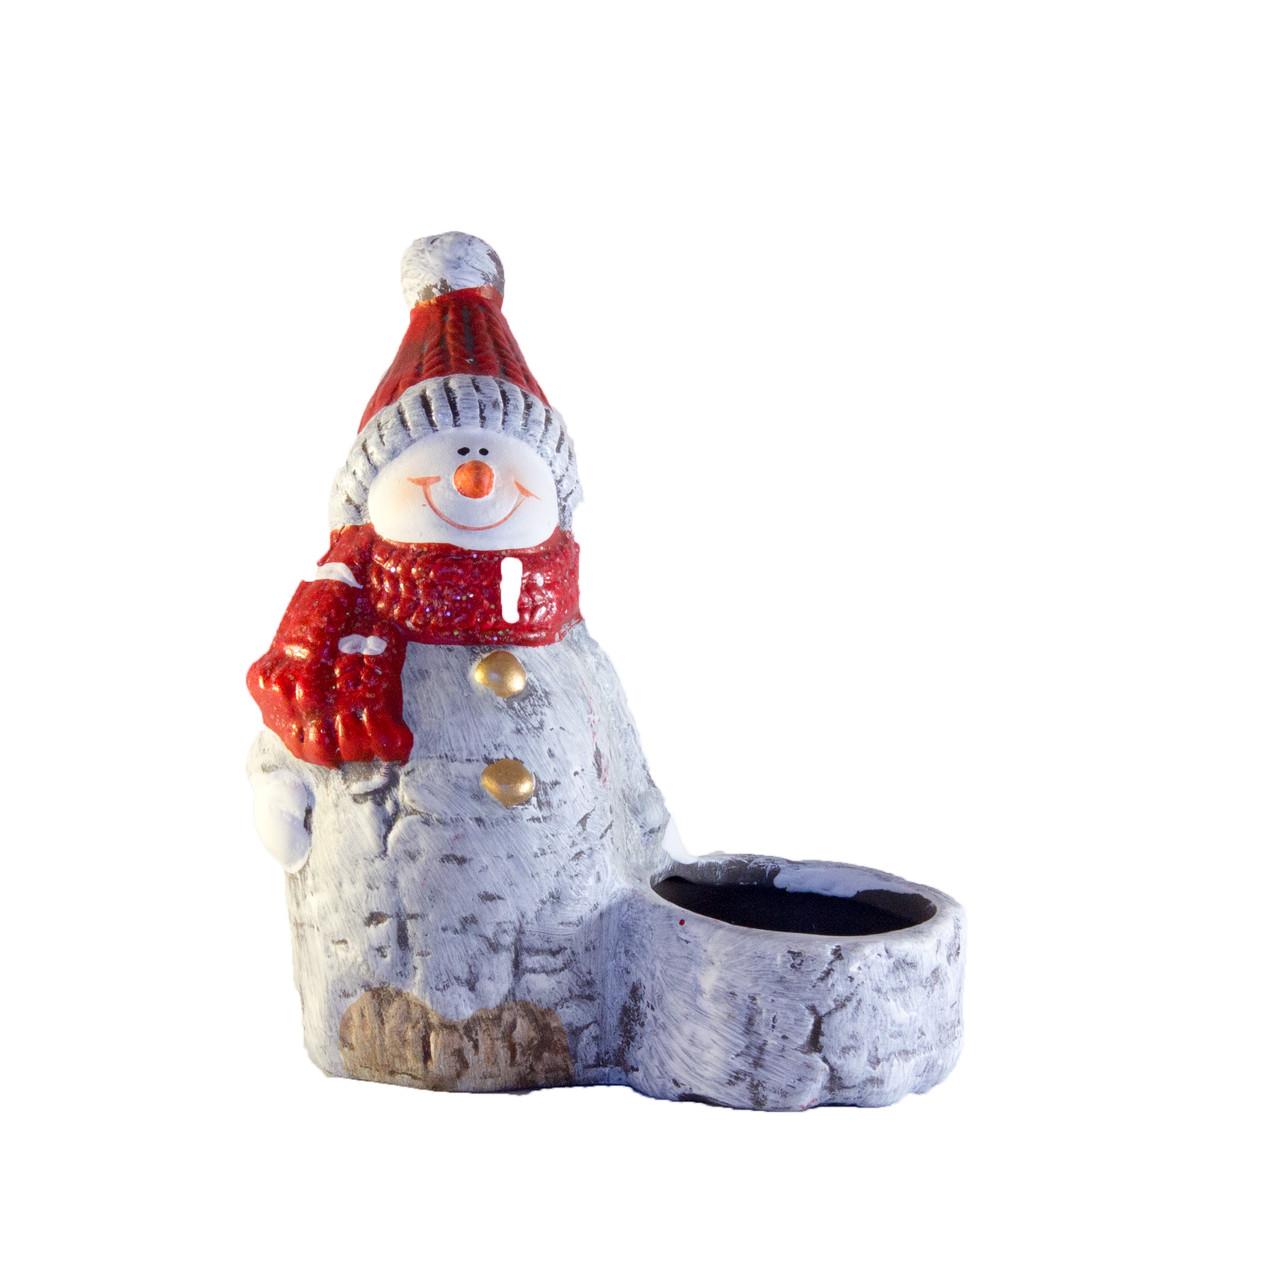 Свічник - Сніговик, 11,1*5,8*12,8 см, білий з червоним, кераміка (022885)